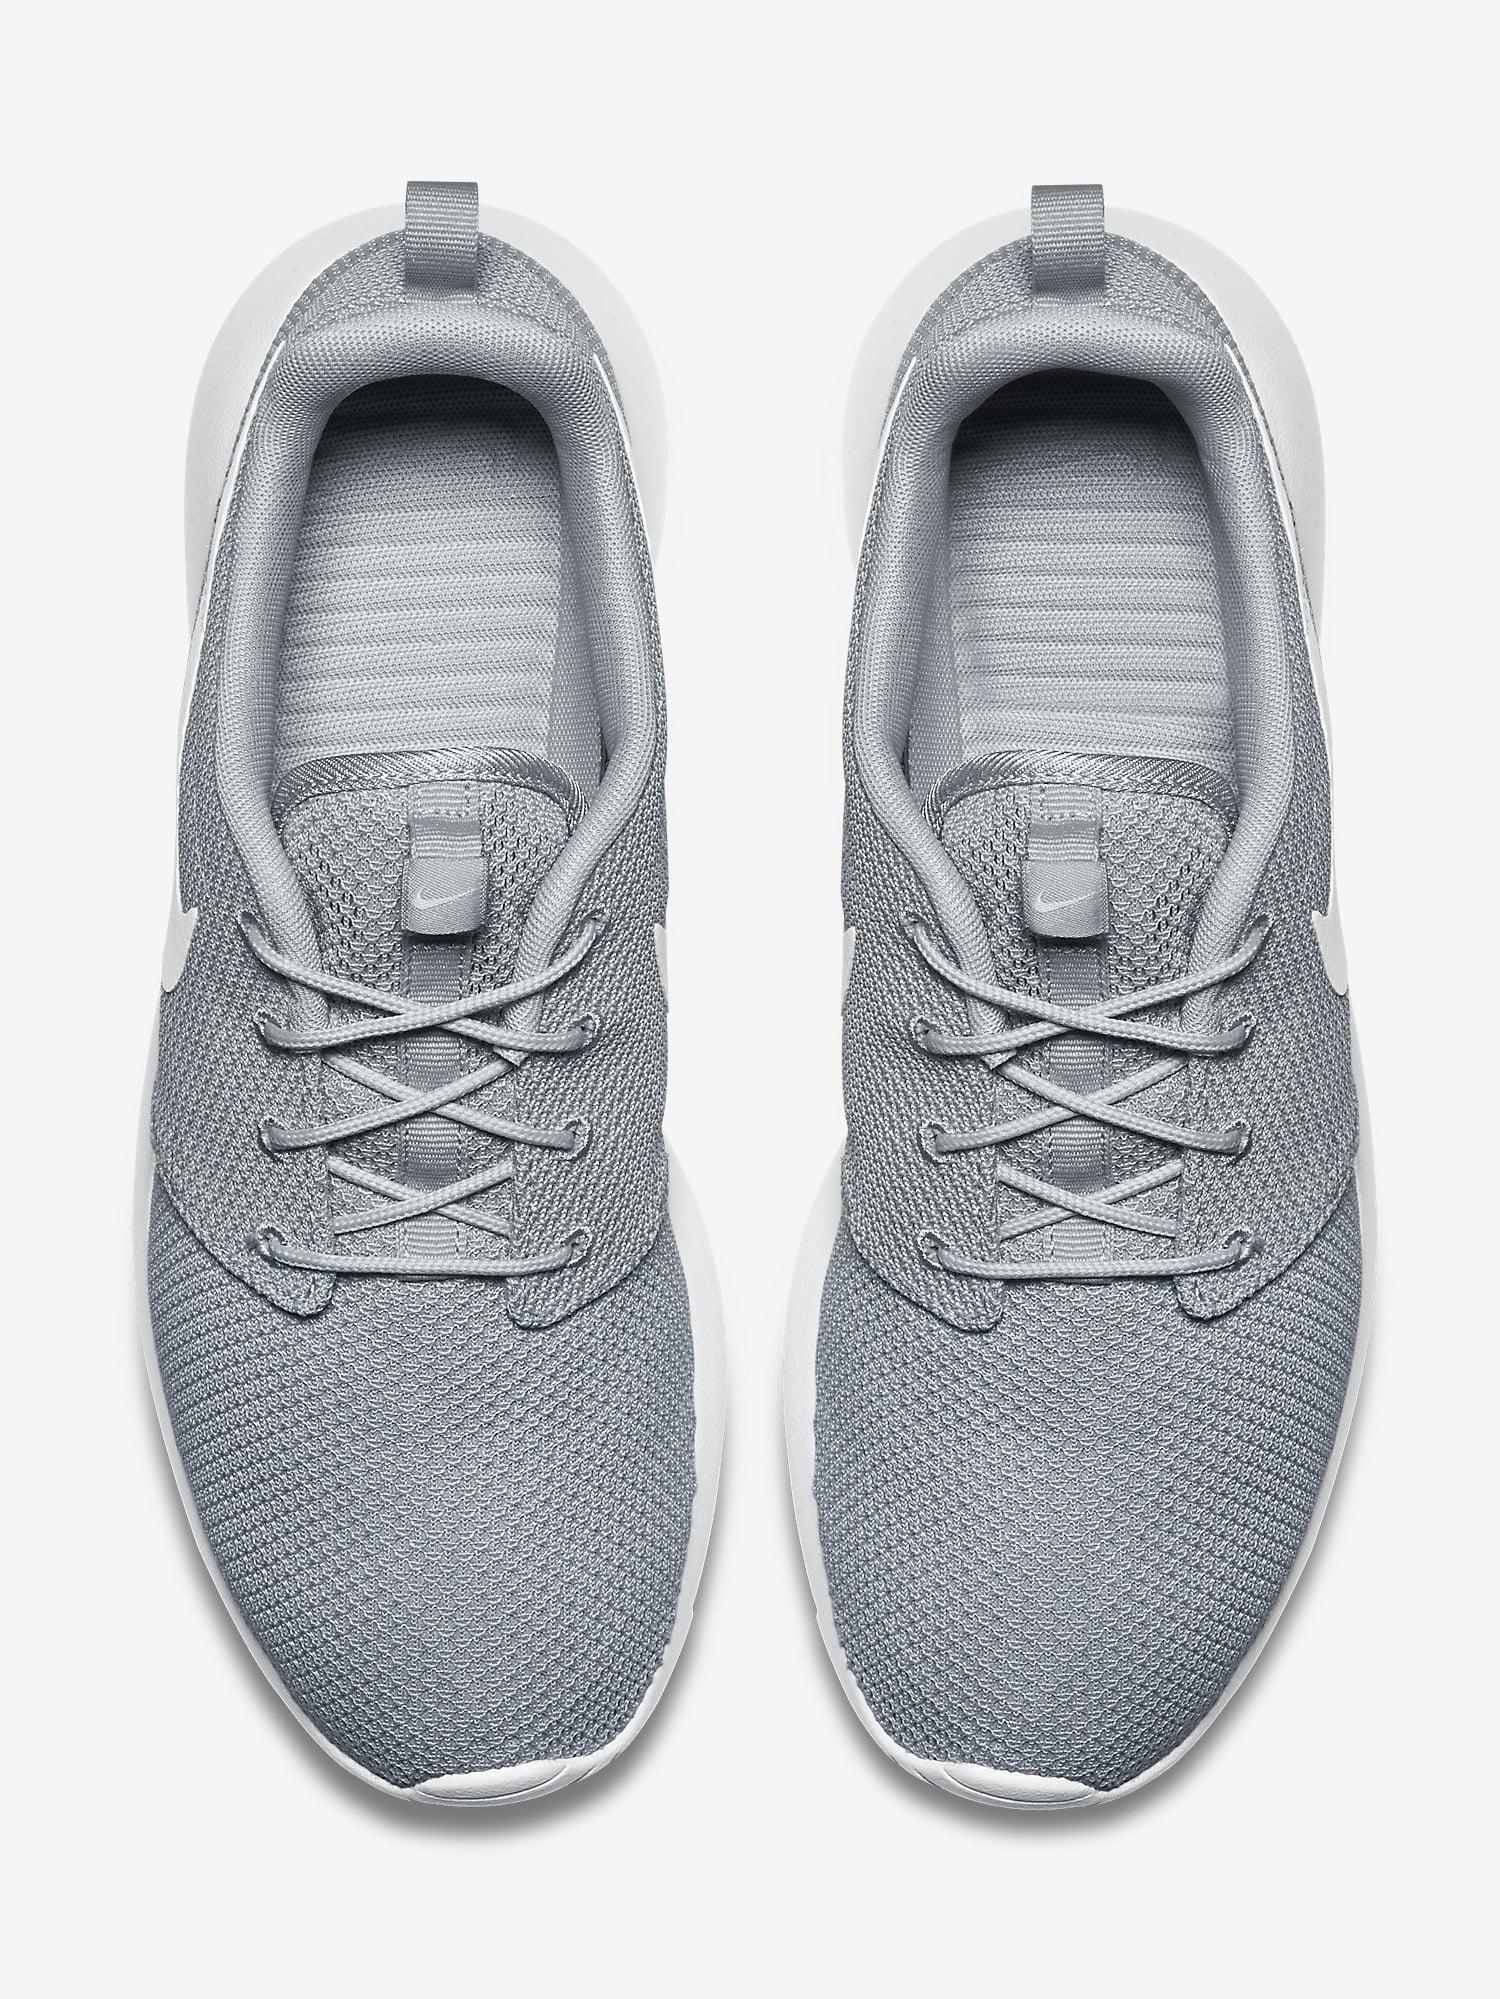 Nike Mens Rosherun Wolf Grey/White Running Shoe (7.5)